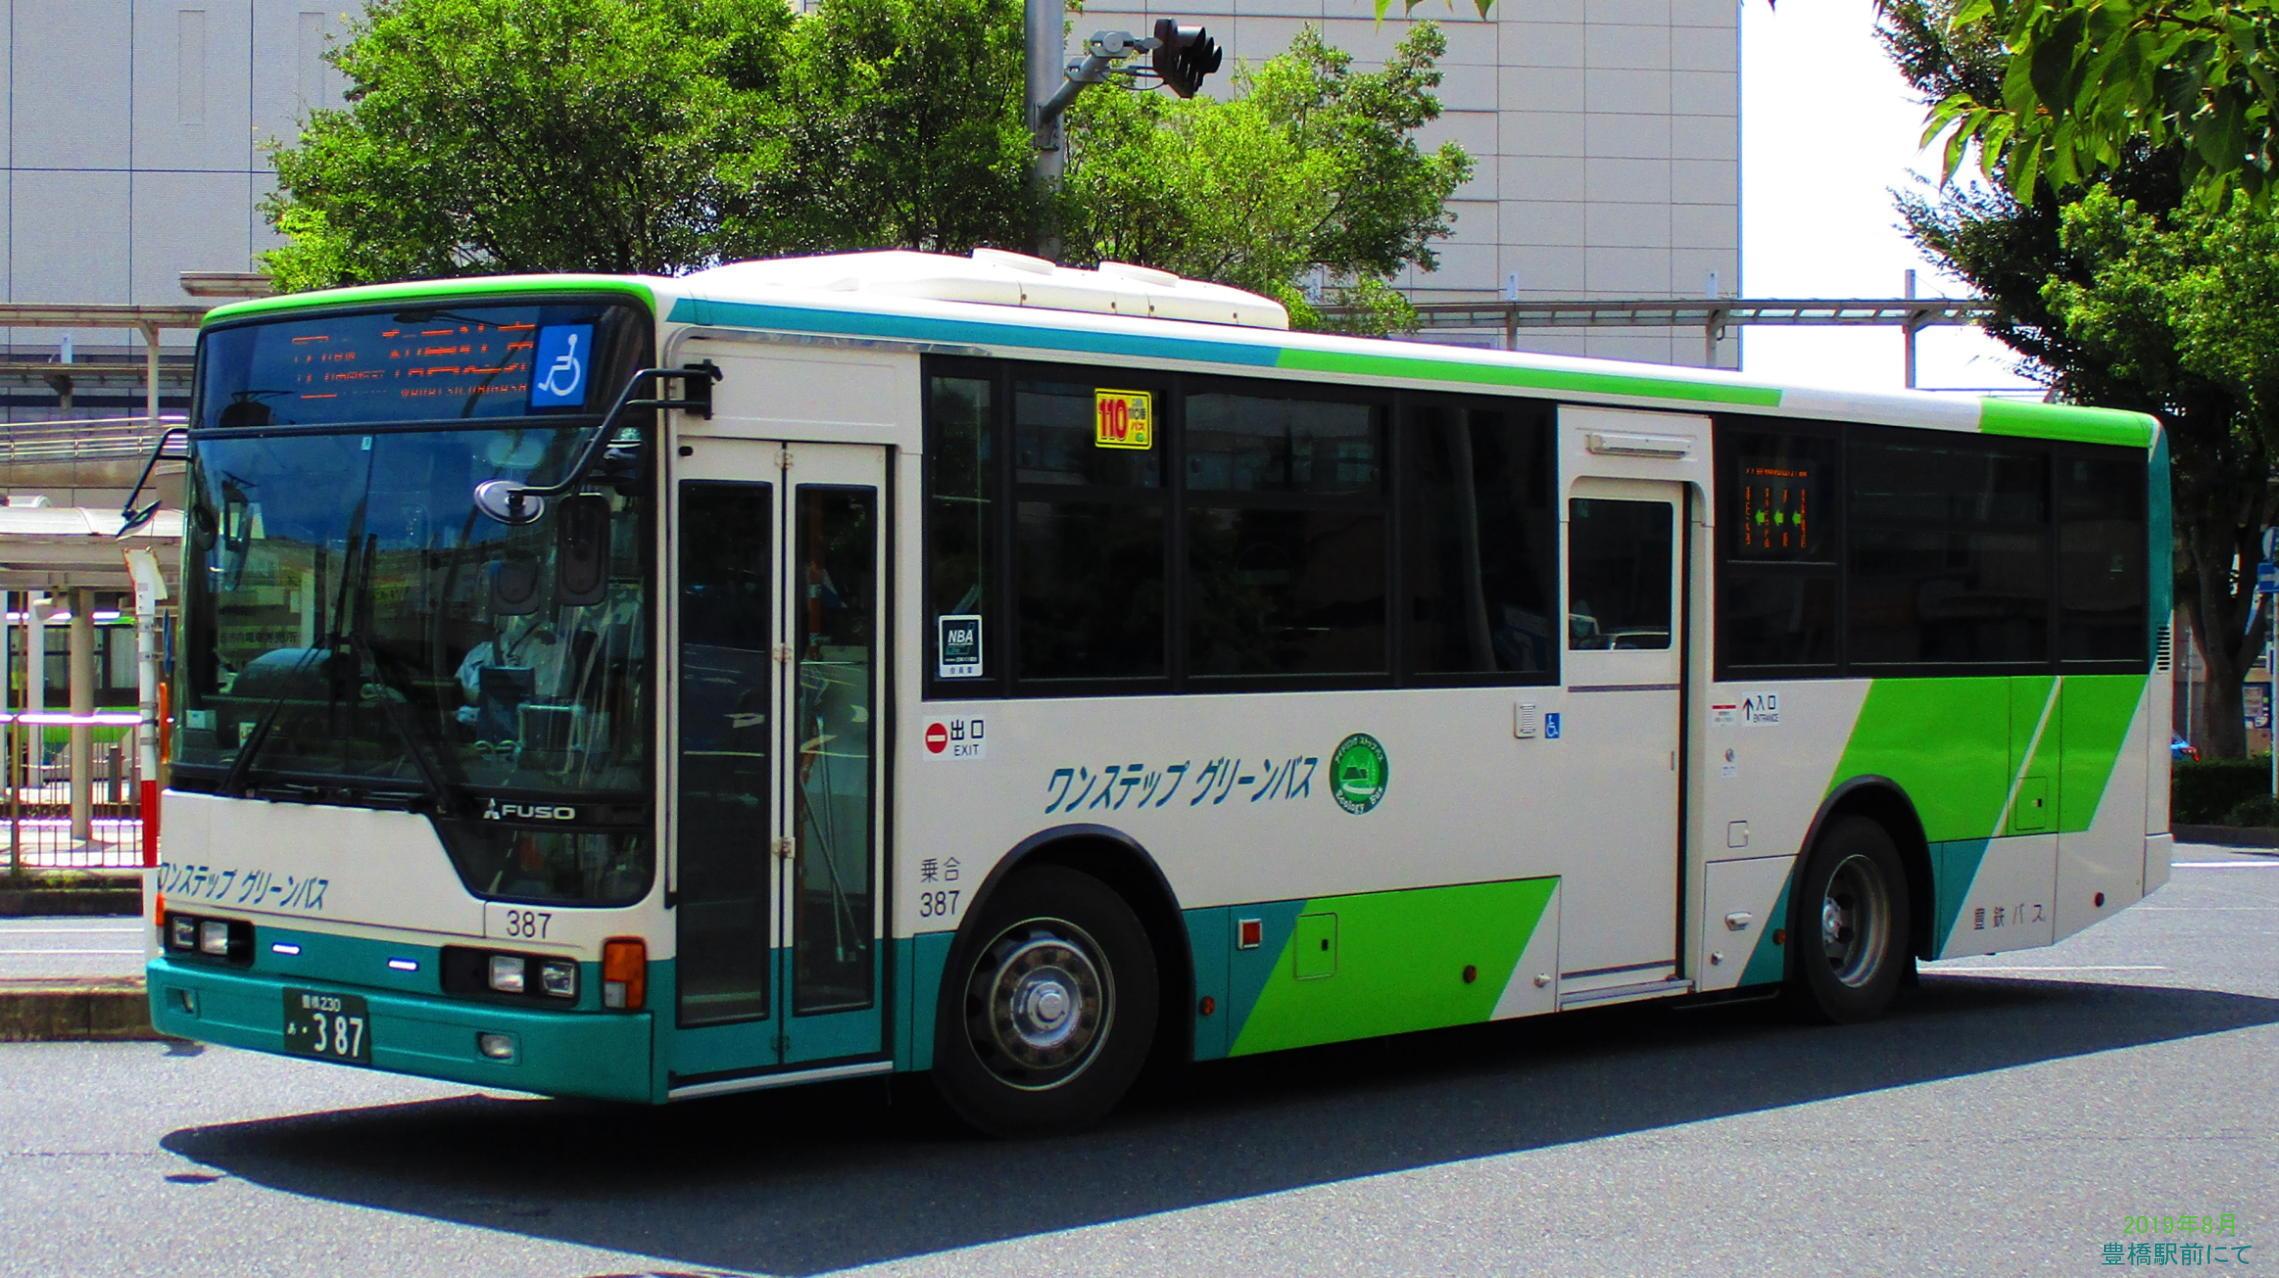 バス 時刻 表 豊 鉄